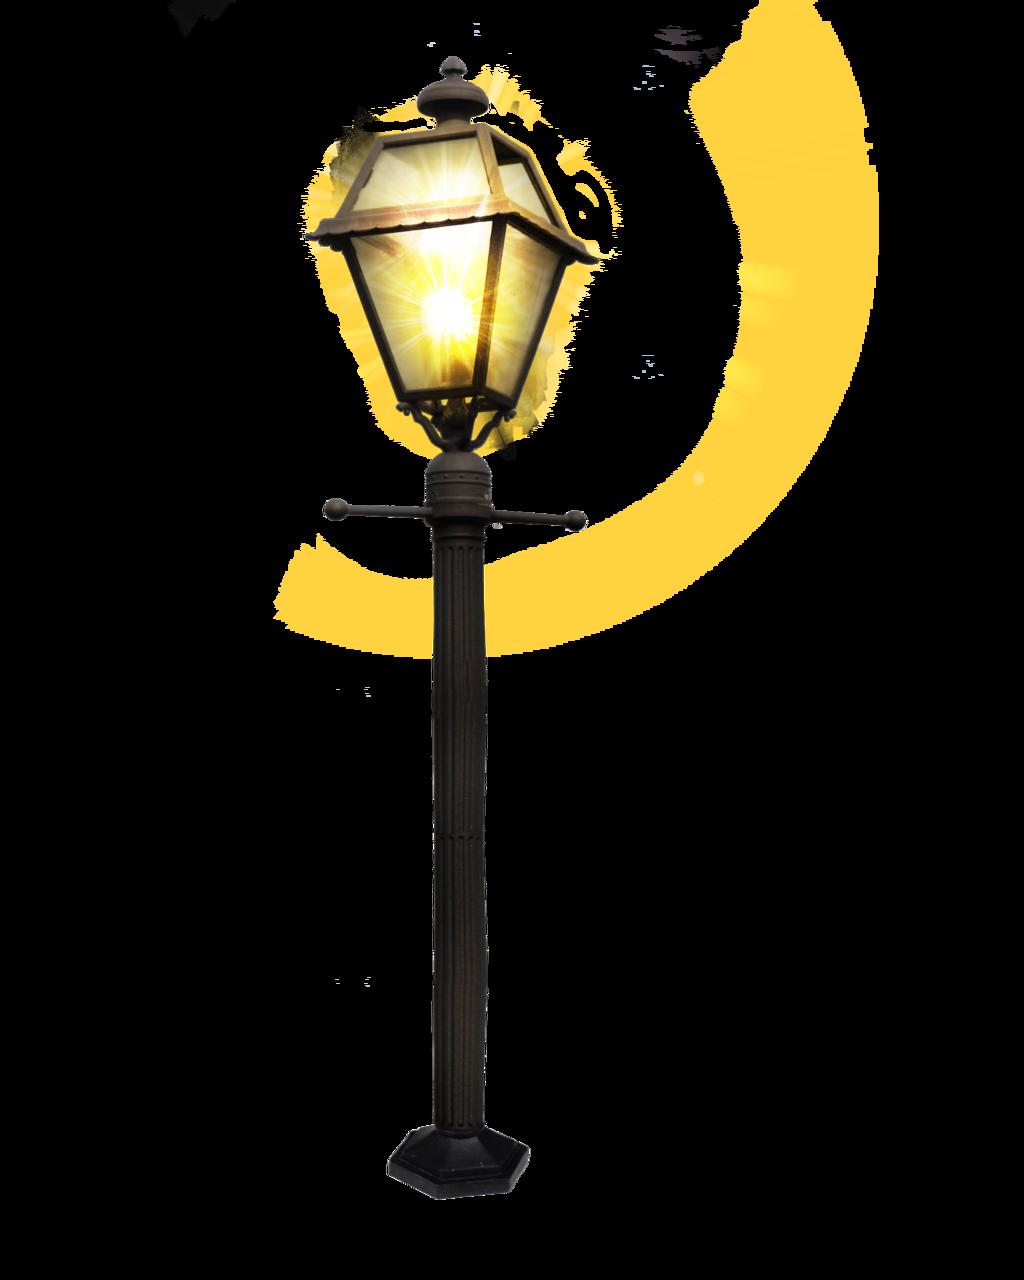 Download PNG Image   Lamp Hd 534